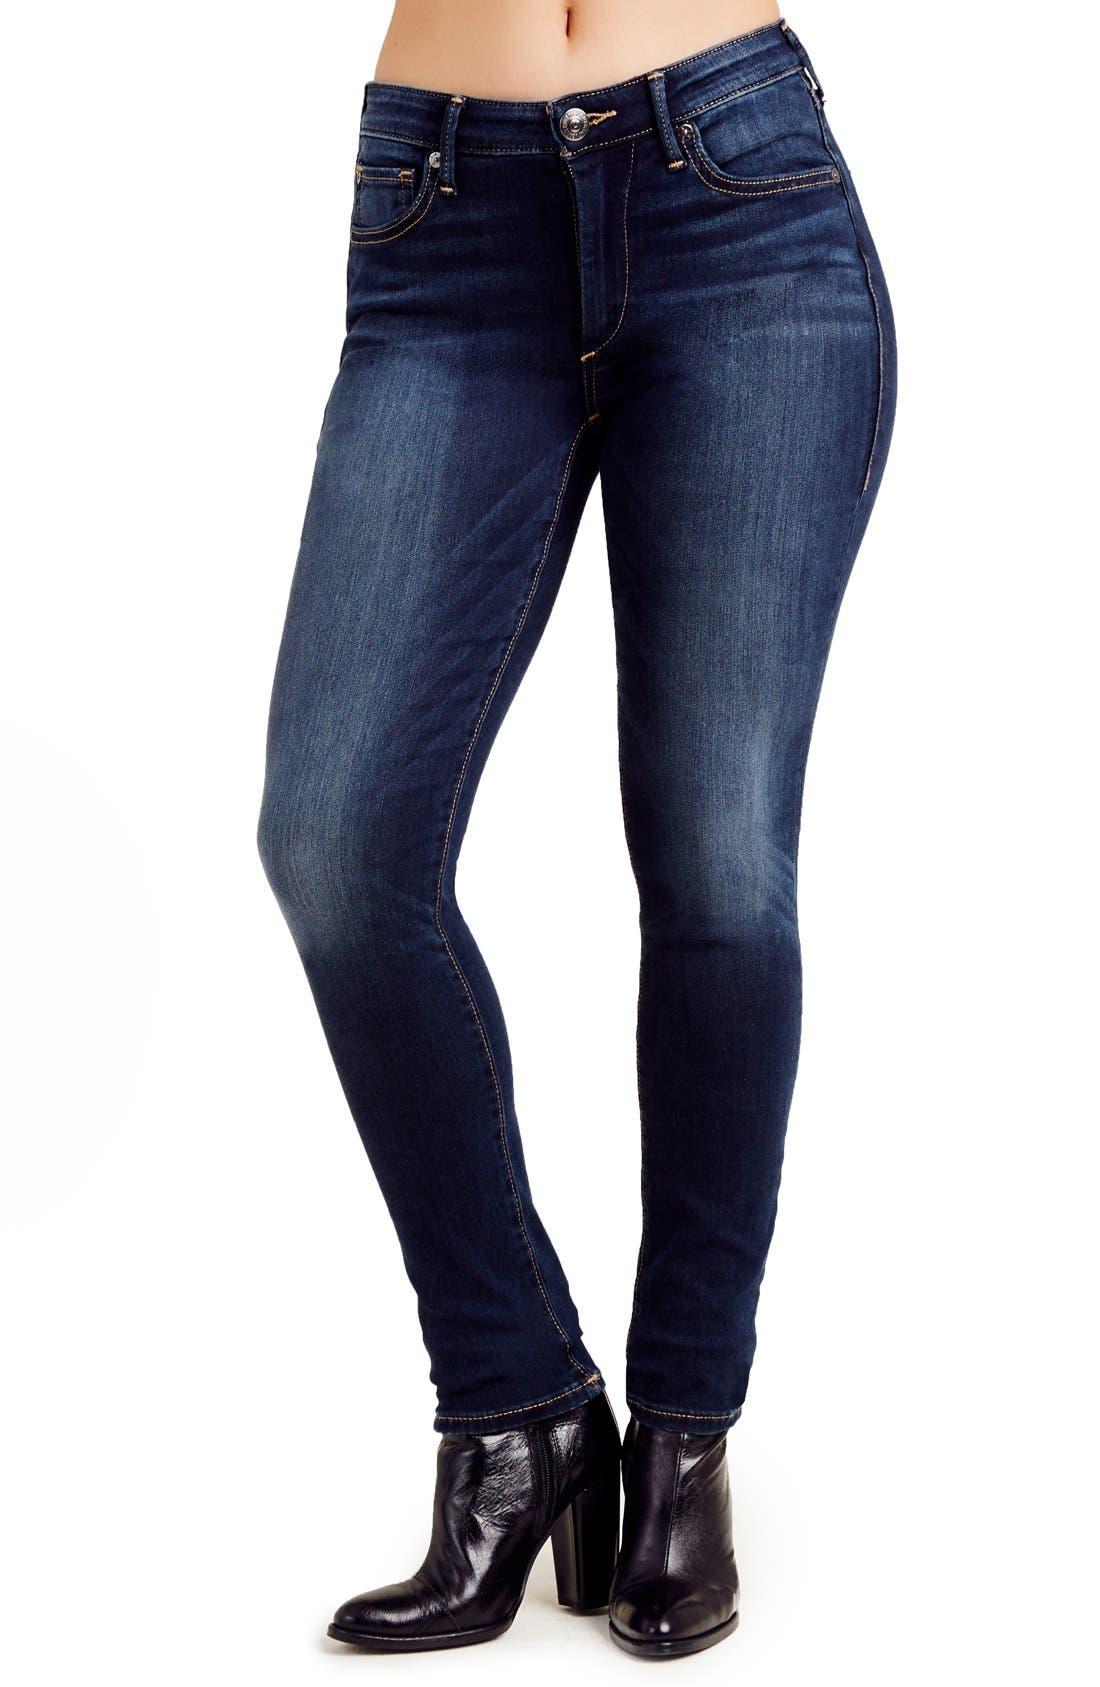 TRUE RELIGION BRAND JEANS True Religion Jeans Jennie Curvy Skinny Jeans